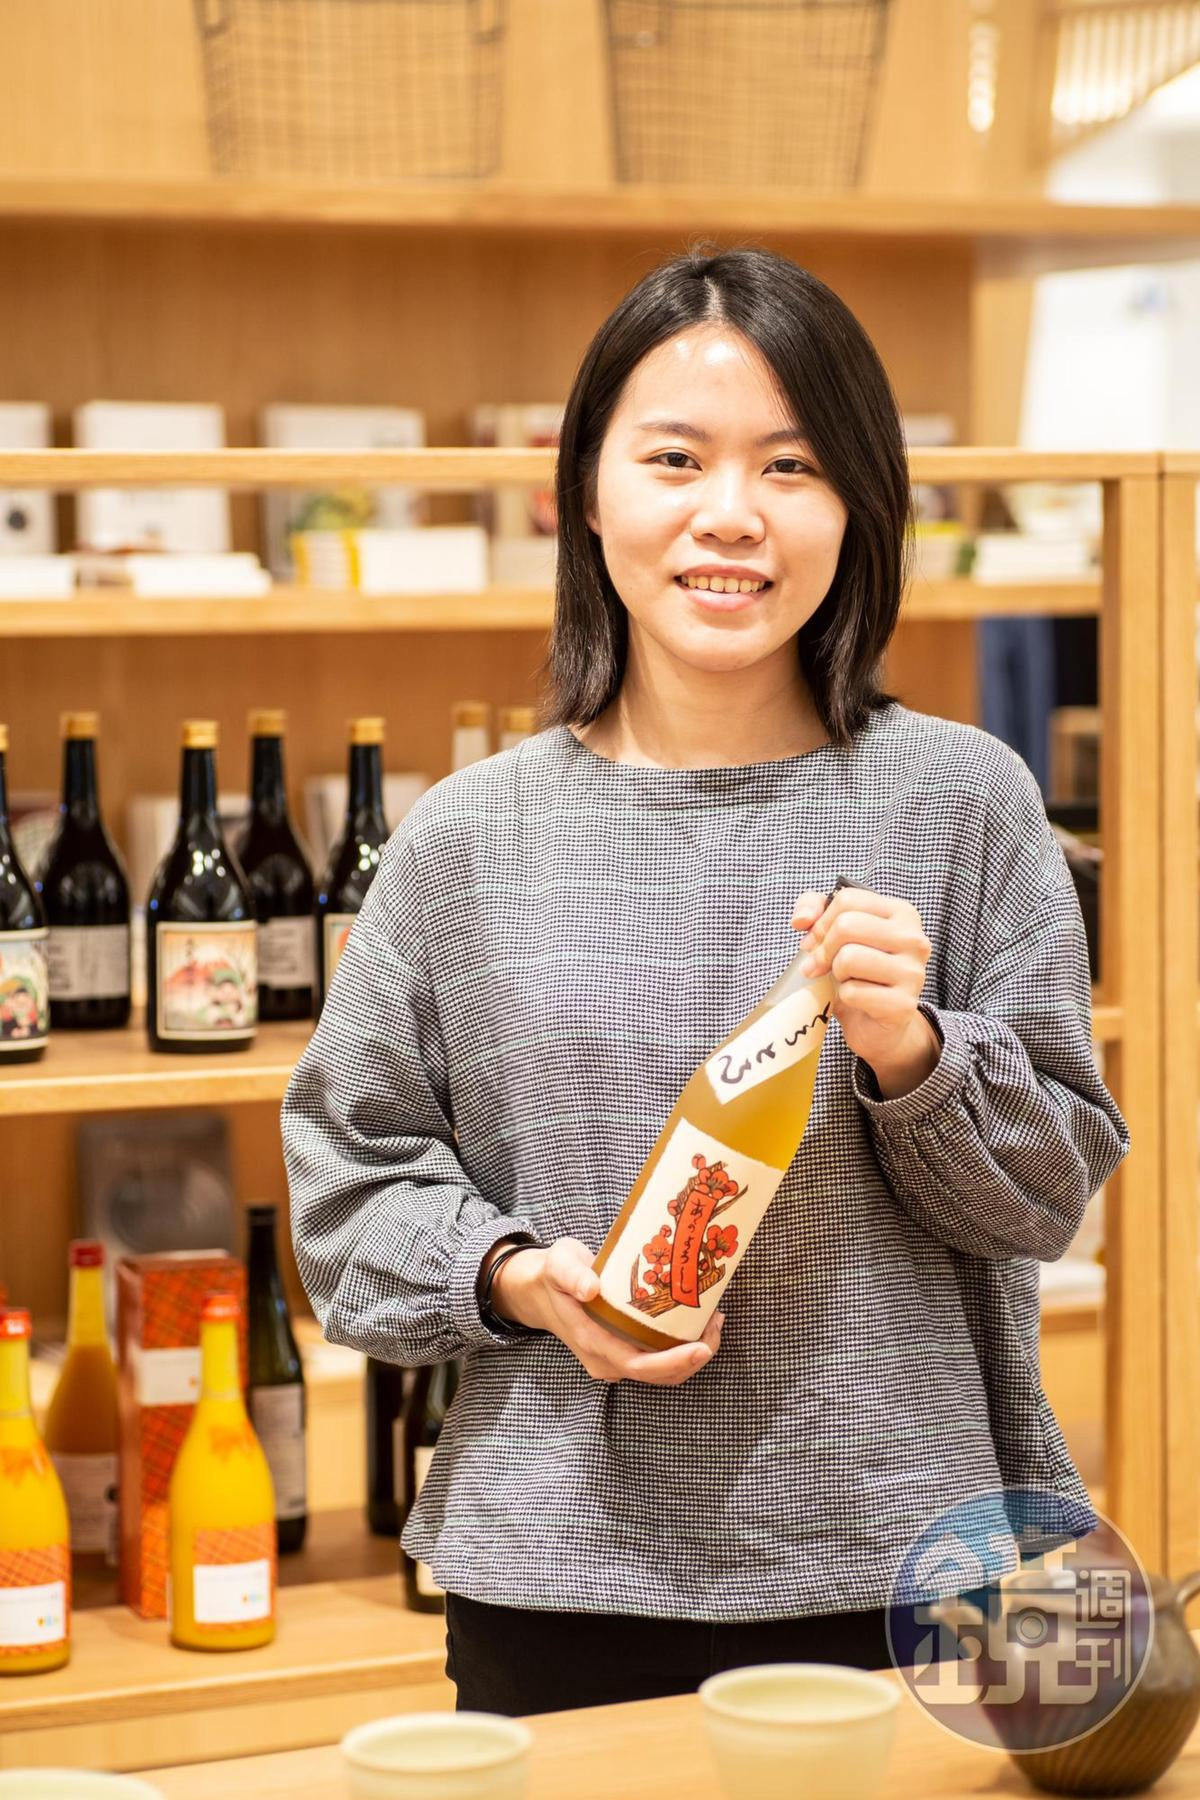 「小器梅酒屋」店長李怡萱建議客人,嘗試各種品飲梅酒的方式,風味會截然不同。